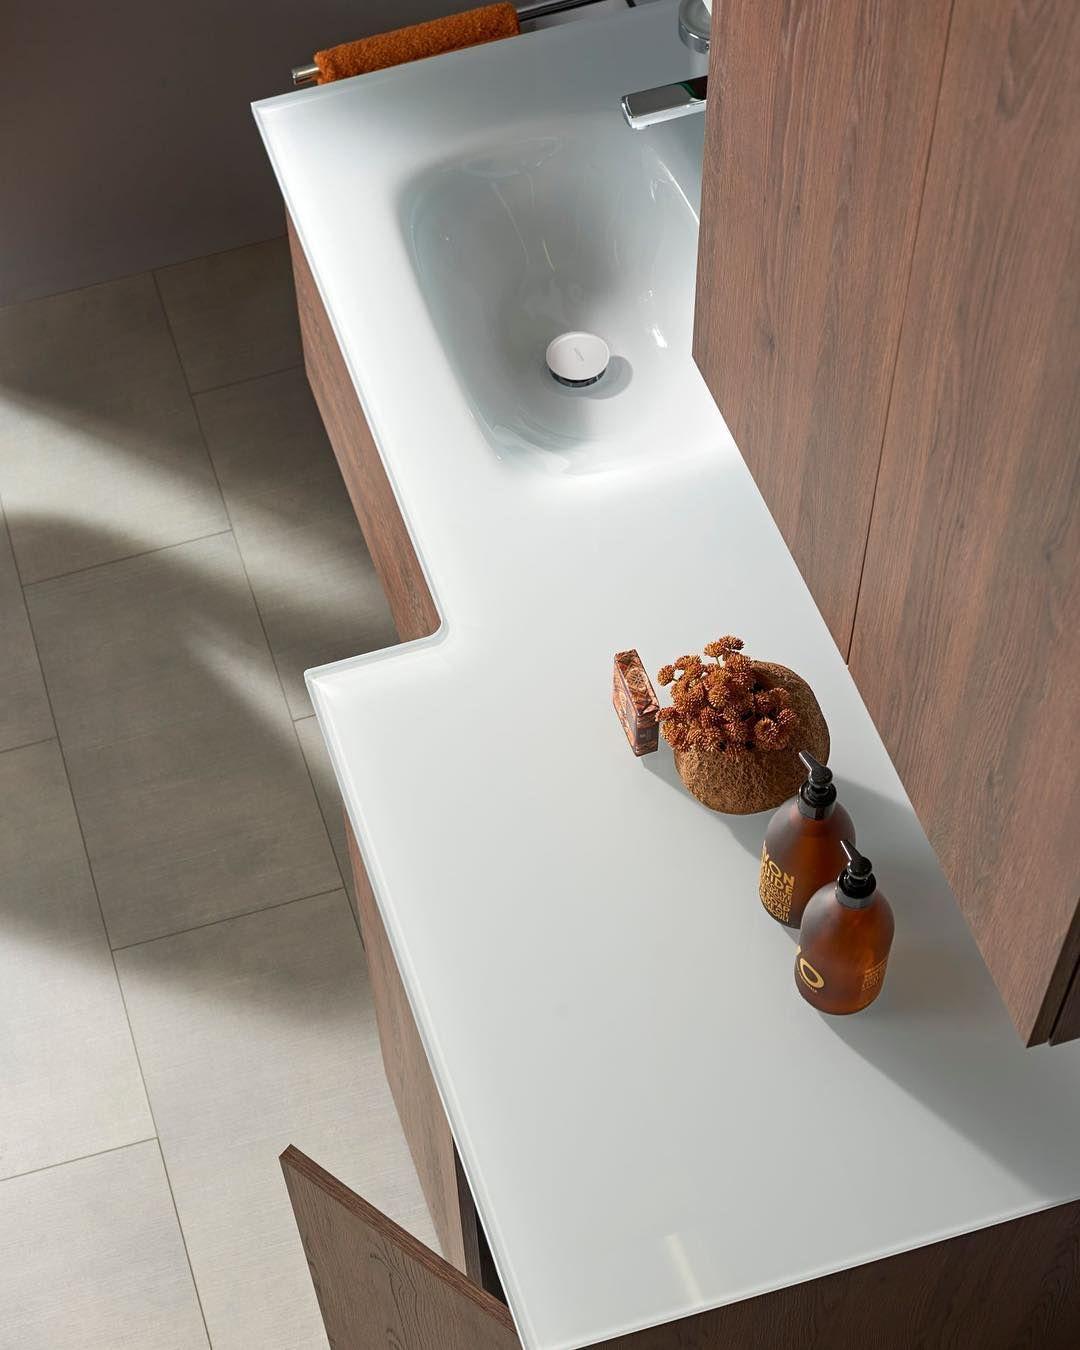 Glas Ermoglicht Besonders Lange Waschtischformen Im Bild Eine Grosszugige Abdeckplatte Mit Waschbecken Unter Der Sich Neben Viel St Bath Caddy Bath Bathroom